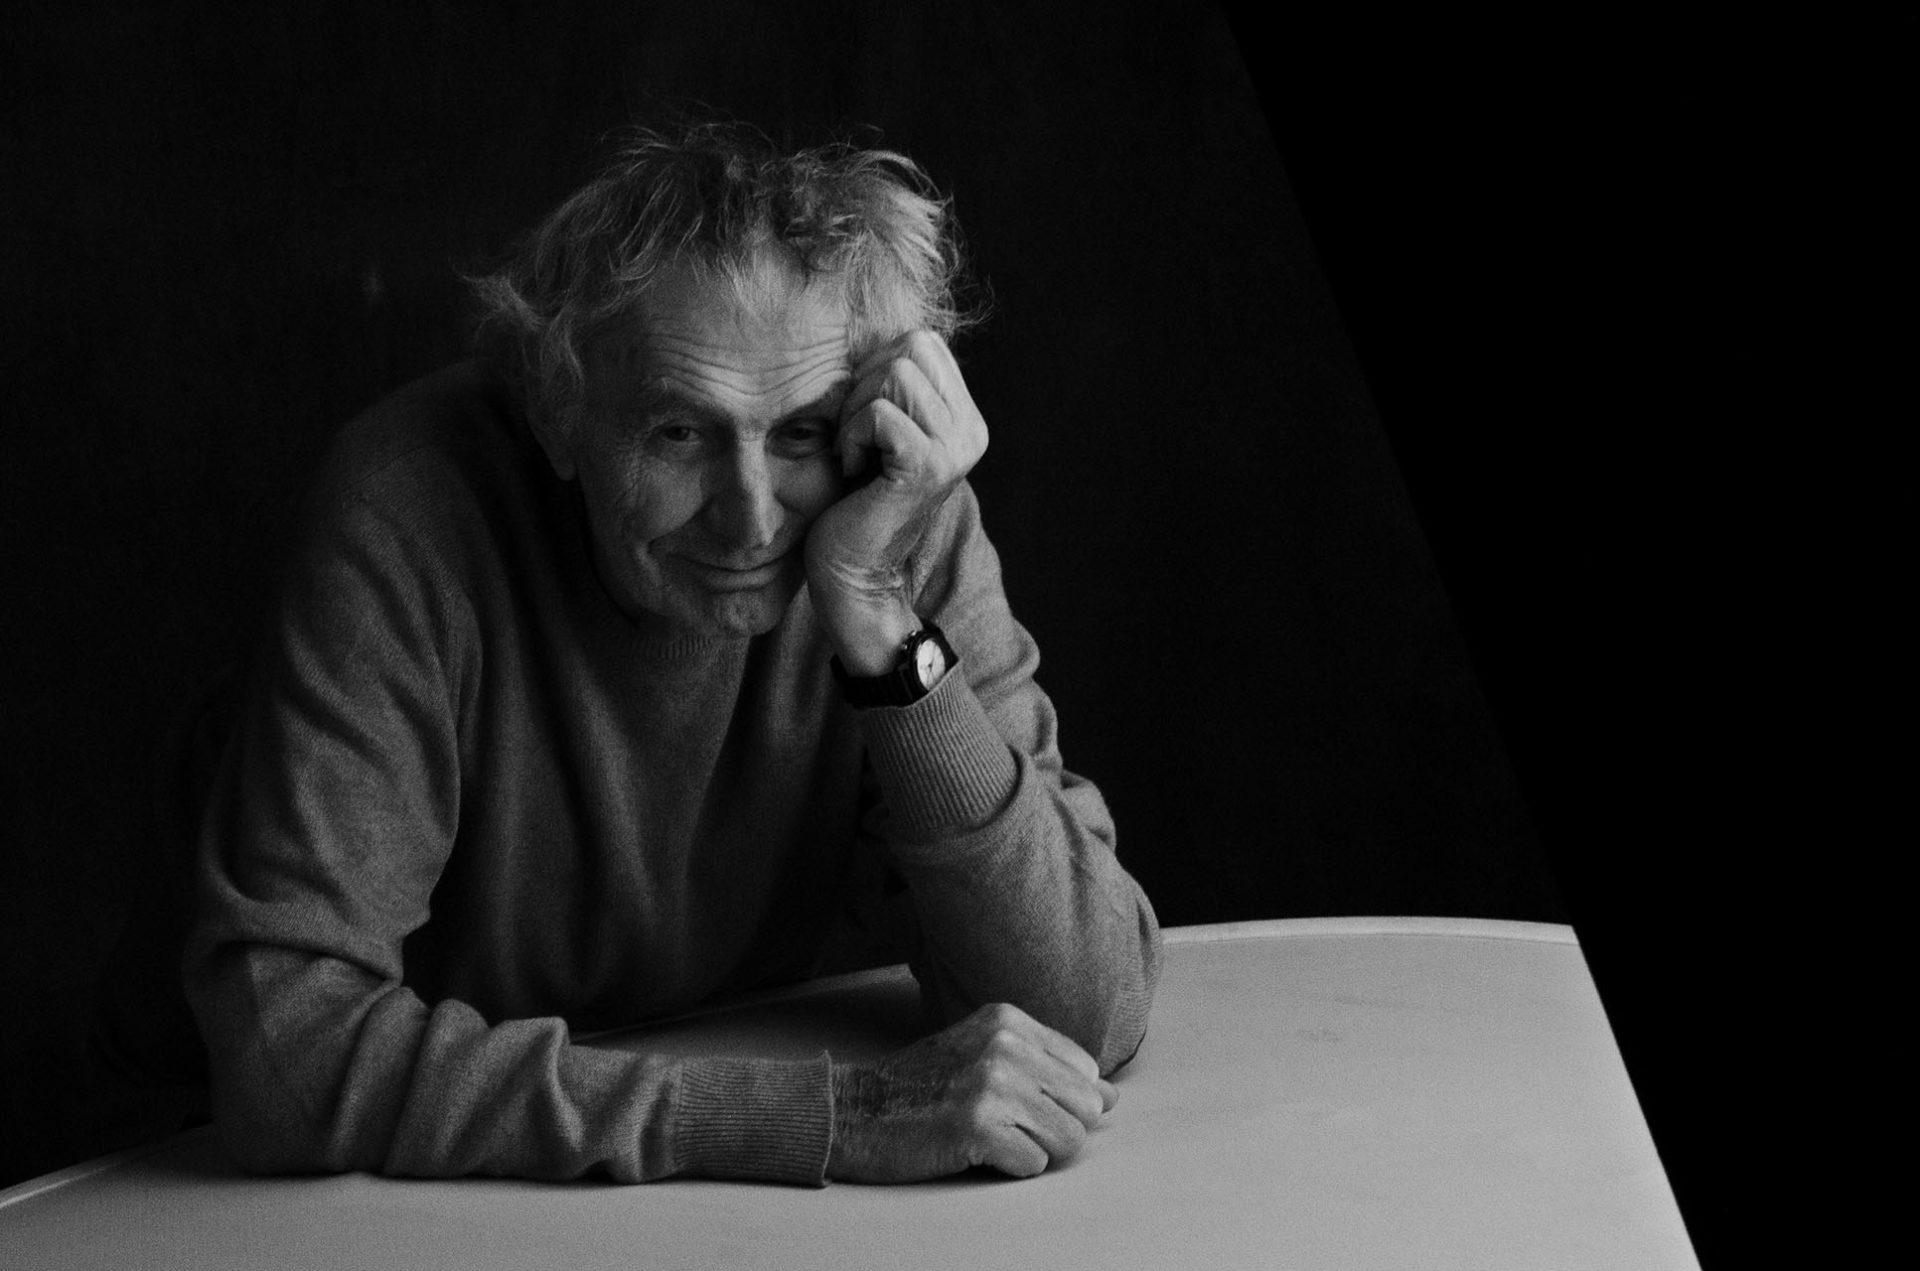 photographe-portraits-ile-de-france-jean-francois-bauret-paris-maya-angelsen